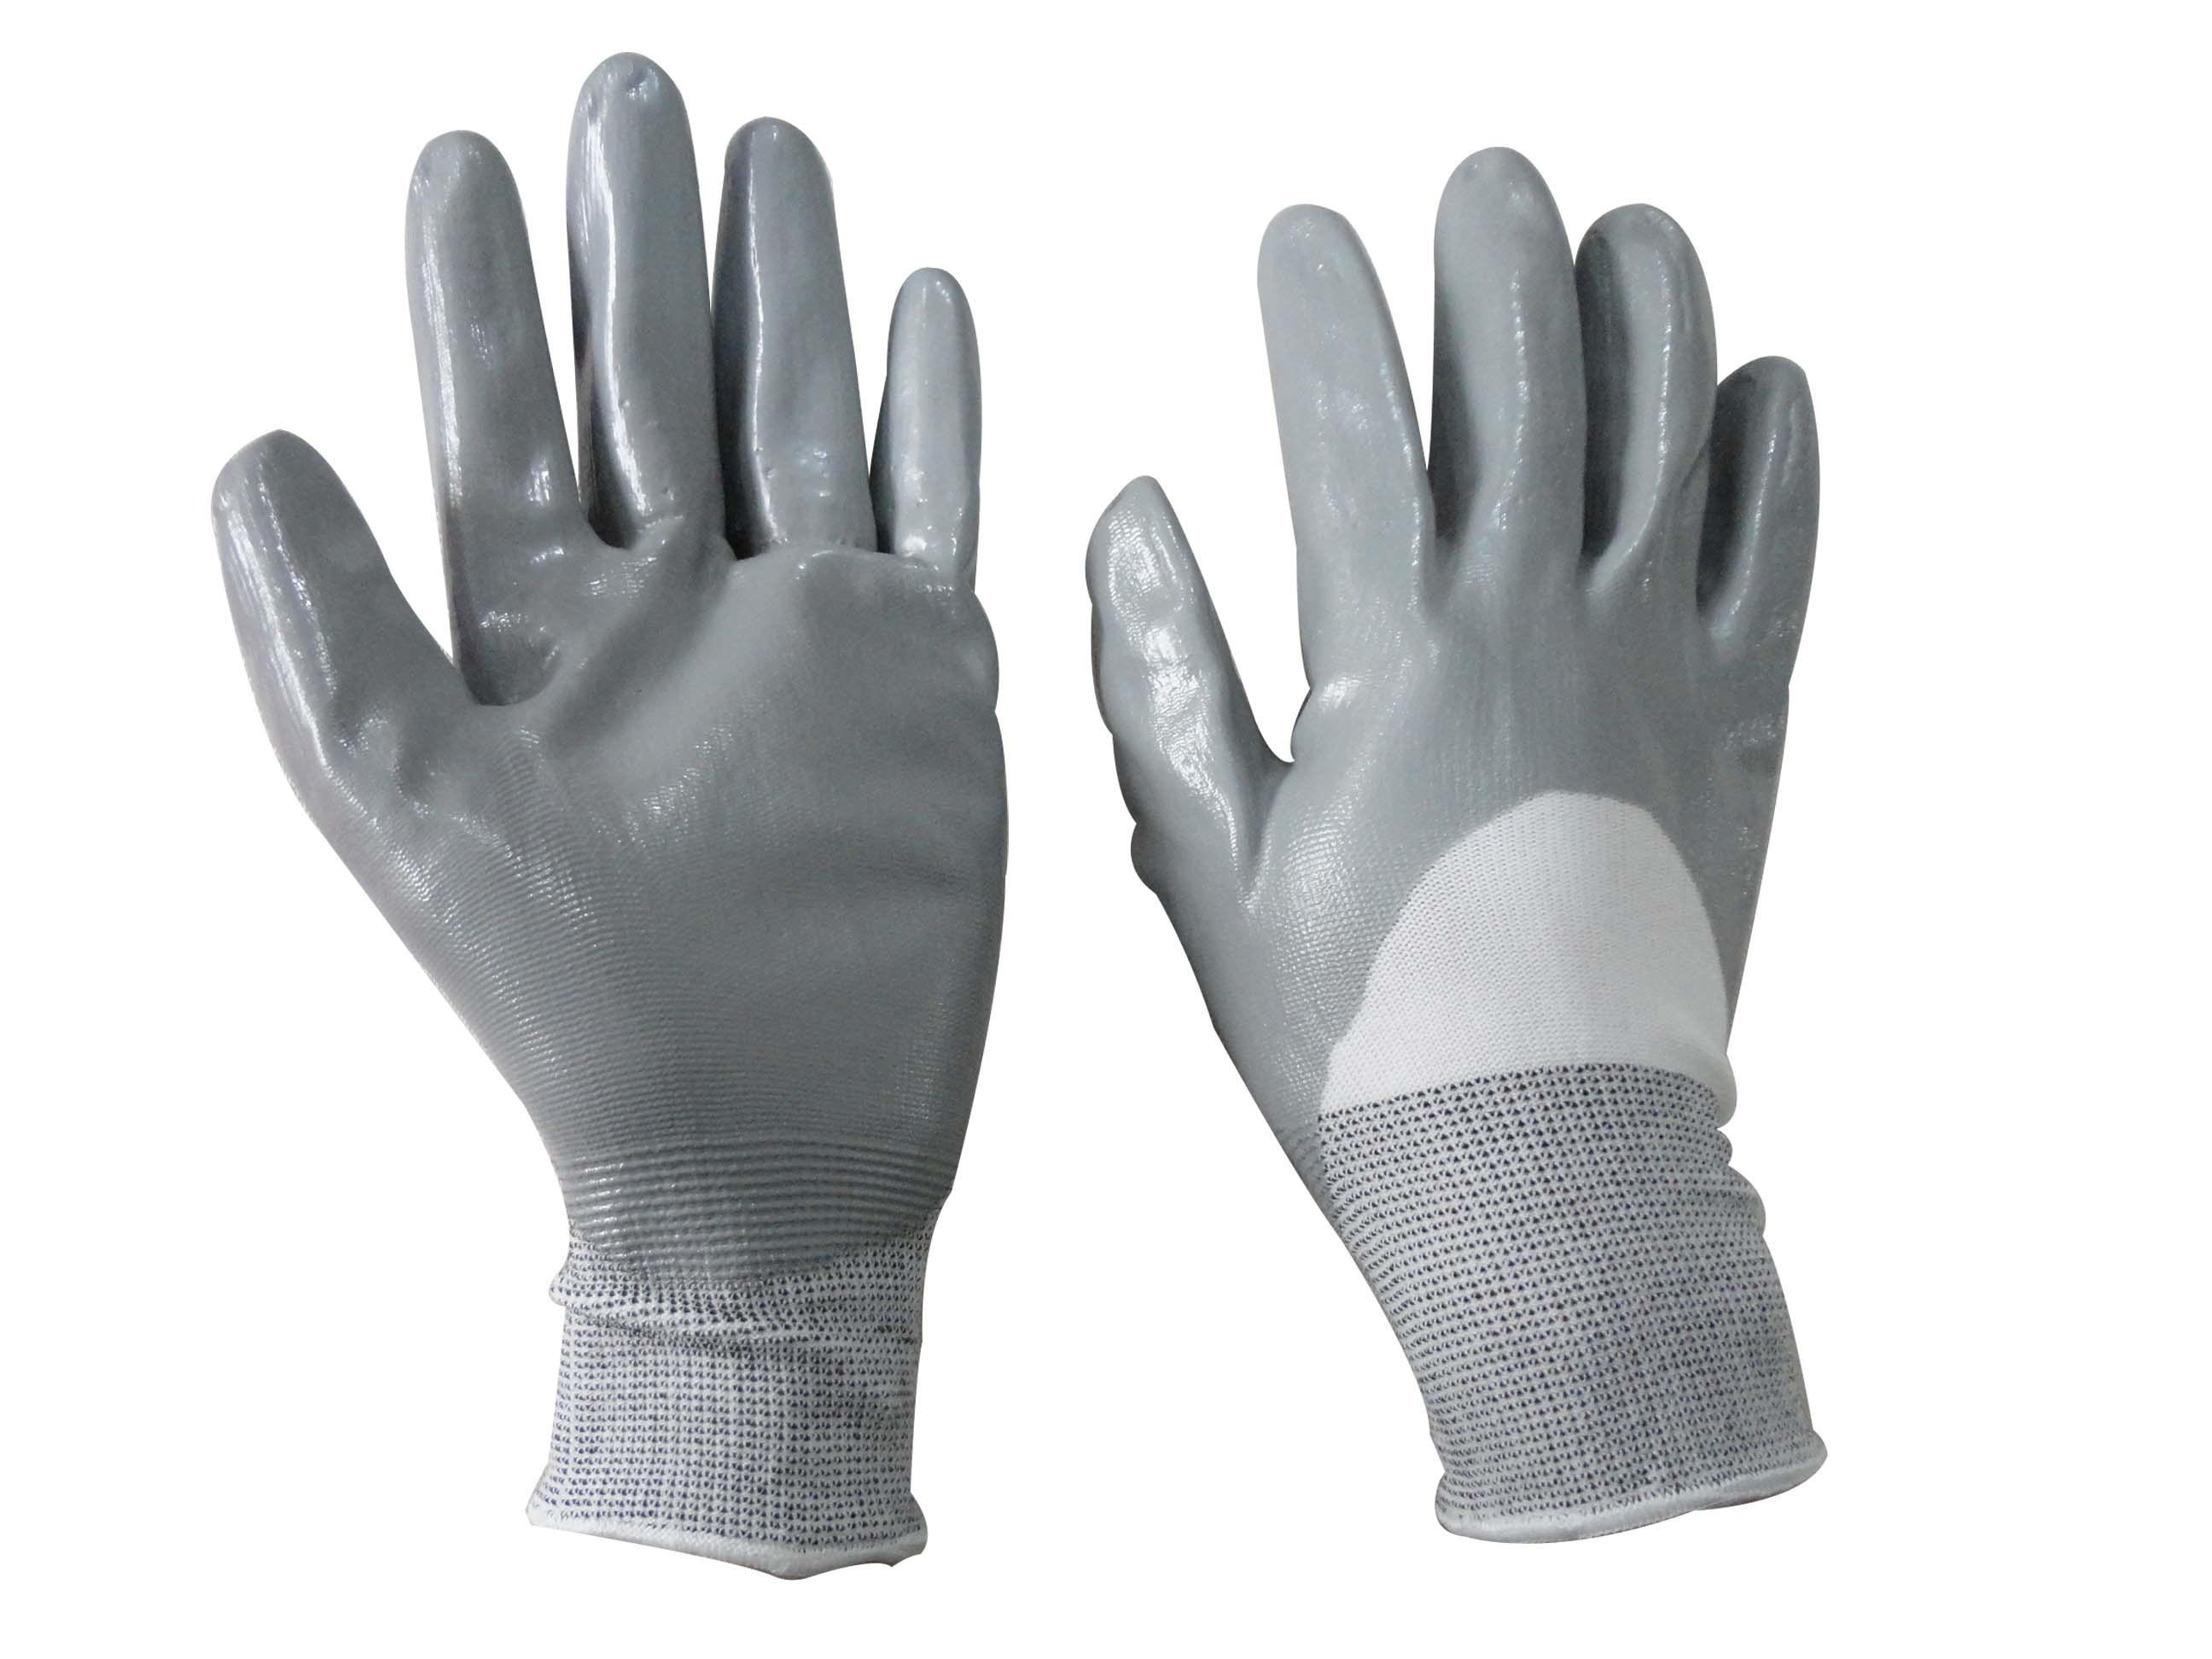 13G Nylon Liner Nitrile Glove